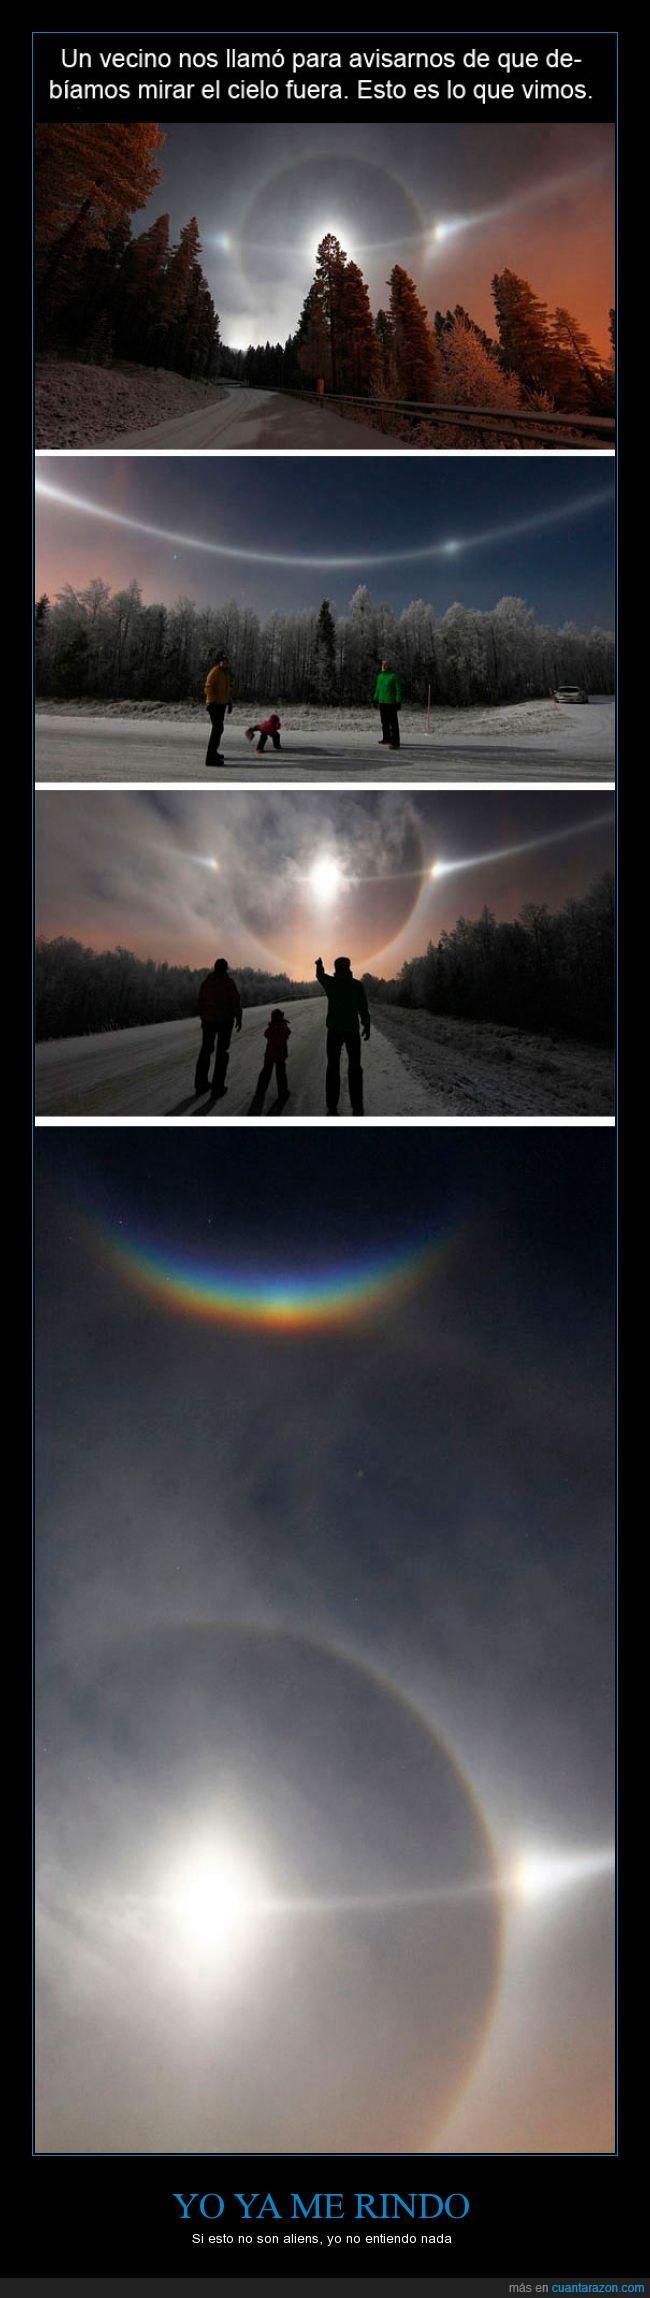 aliens,arcoíris,cielo,llamada,llamar,luz,noche,vecino